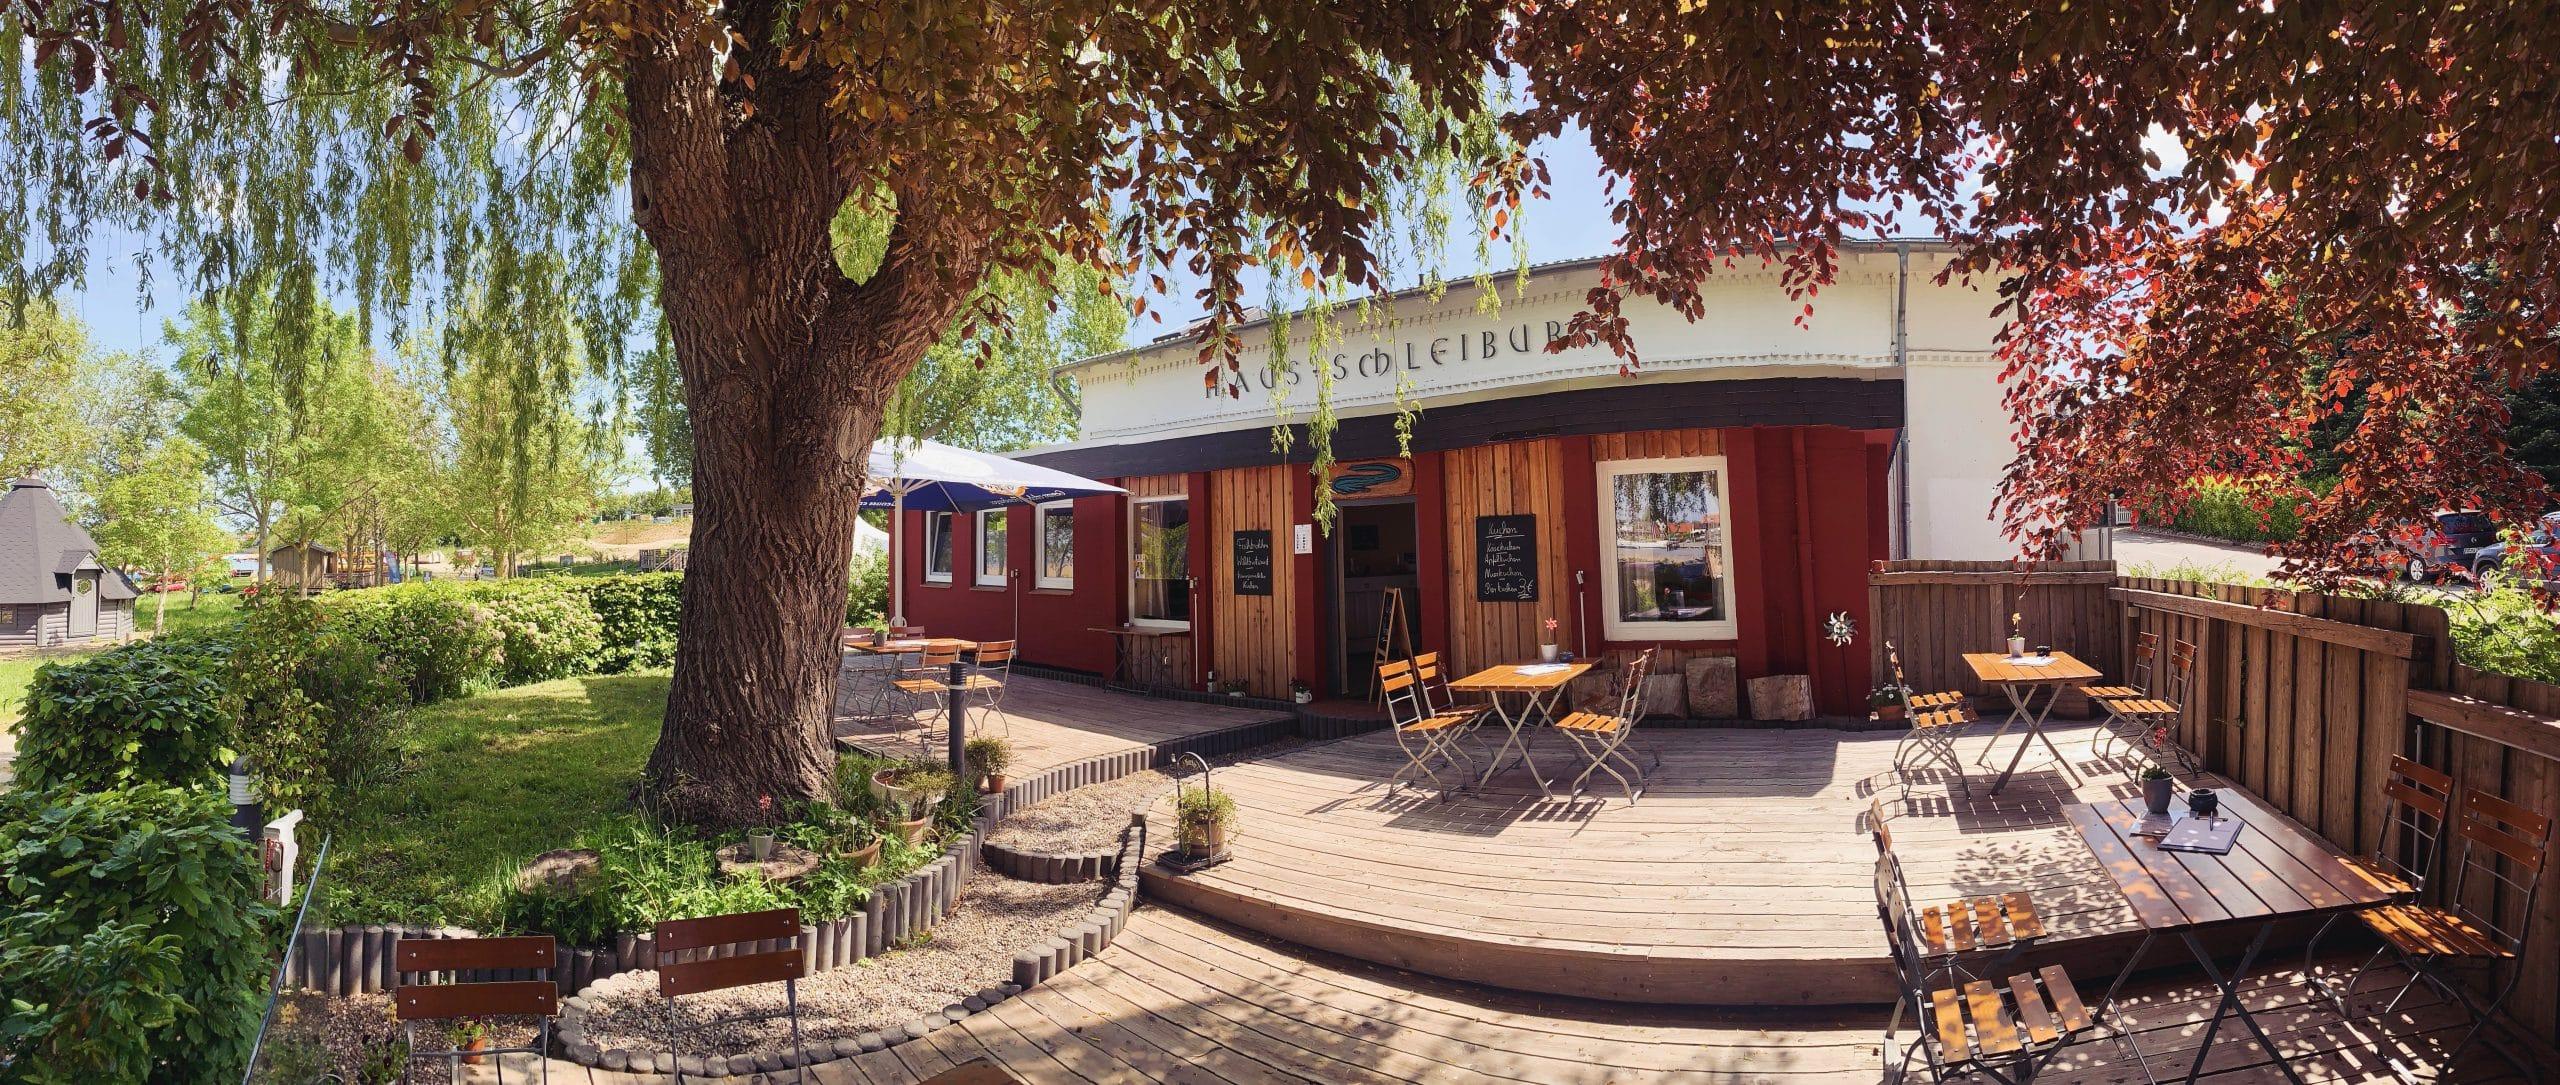 Impressionen Biergarten Café Schleiwelle scaled